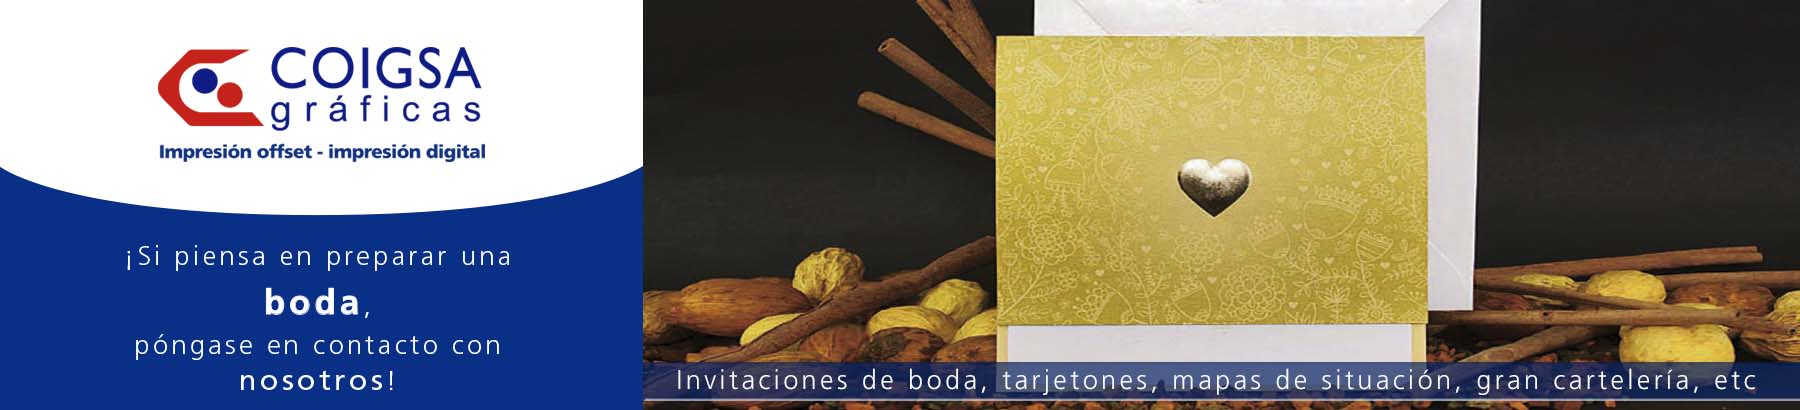 Foto invitaciones de boda / trabajos gráficos en la elaboración de una boda realizados por Imprenta Gráficas Coigsa